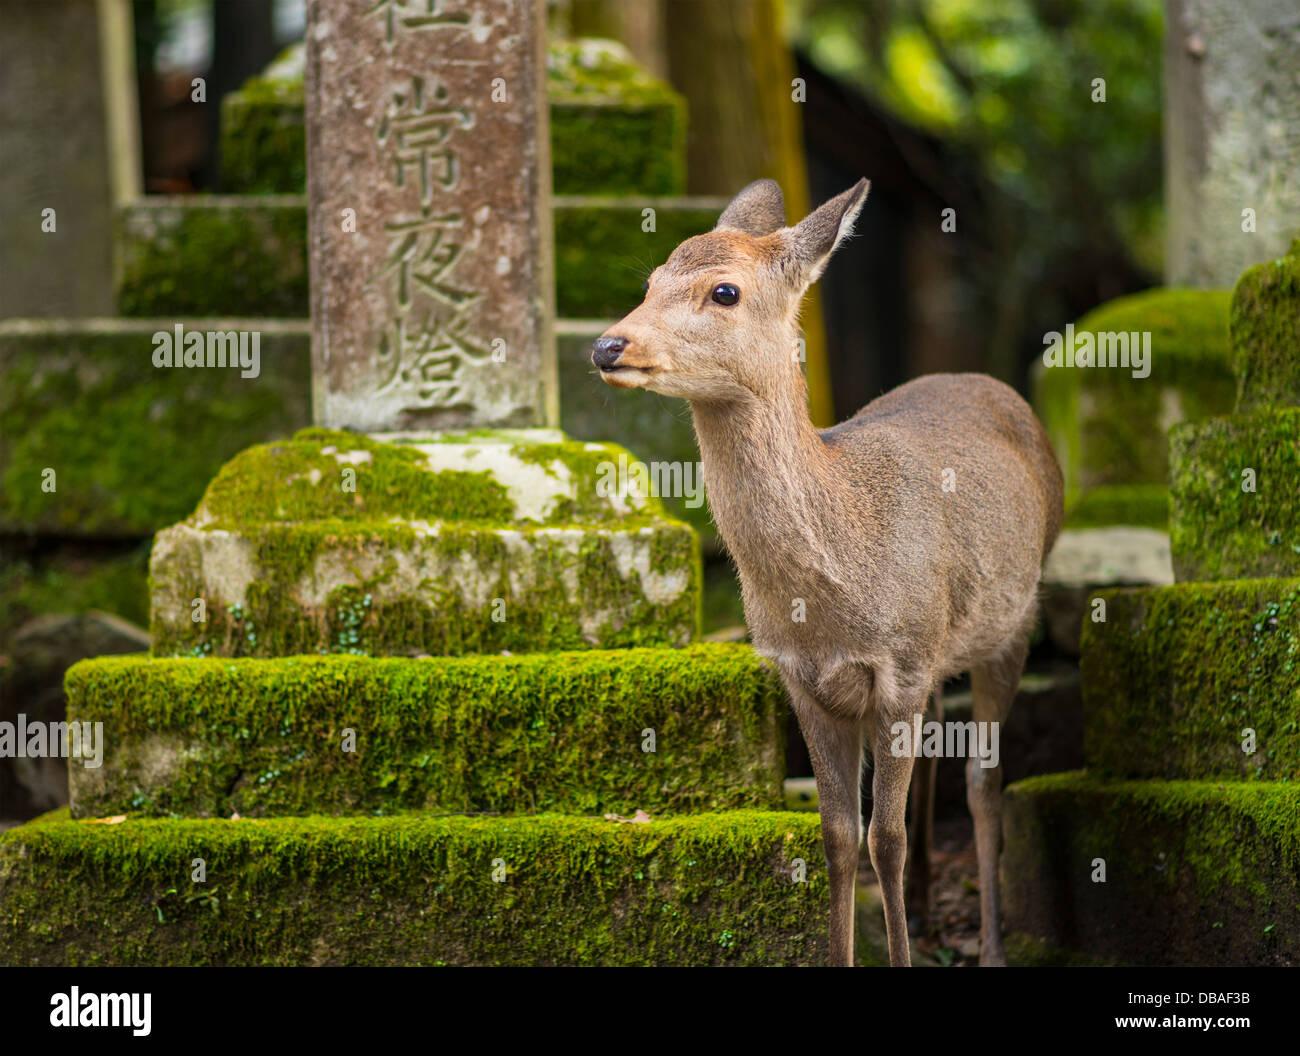 Nara los ciervos vagar libre en el Parque de Nara, Japón. Imagen De Stock